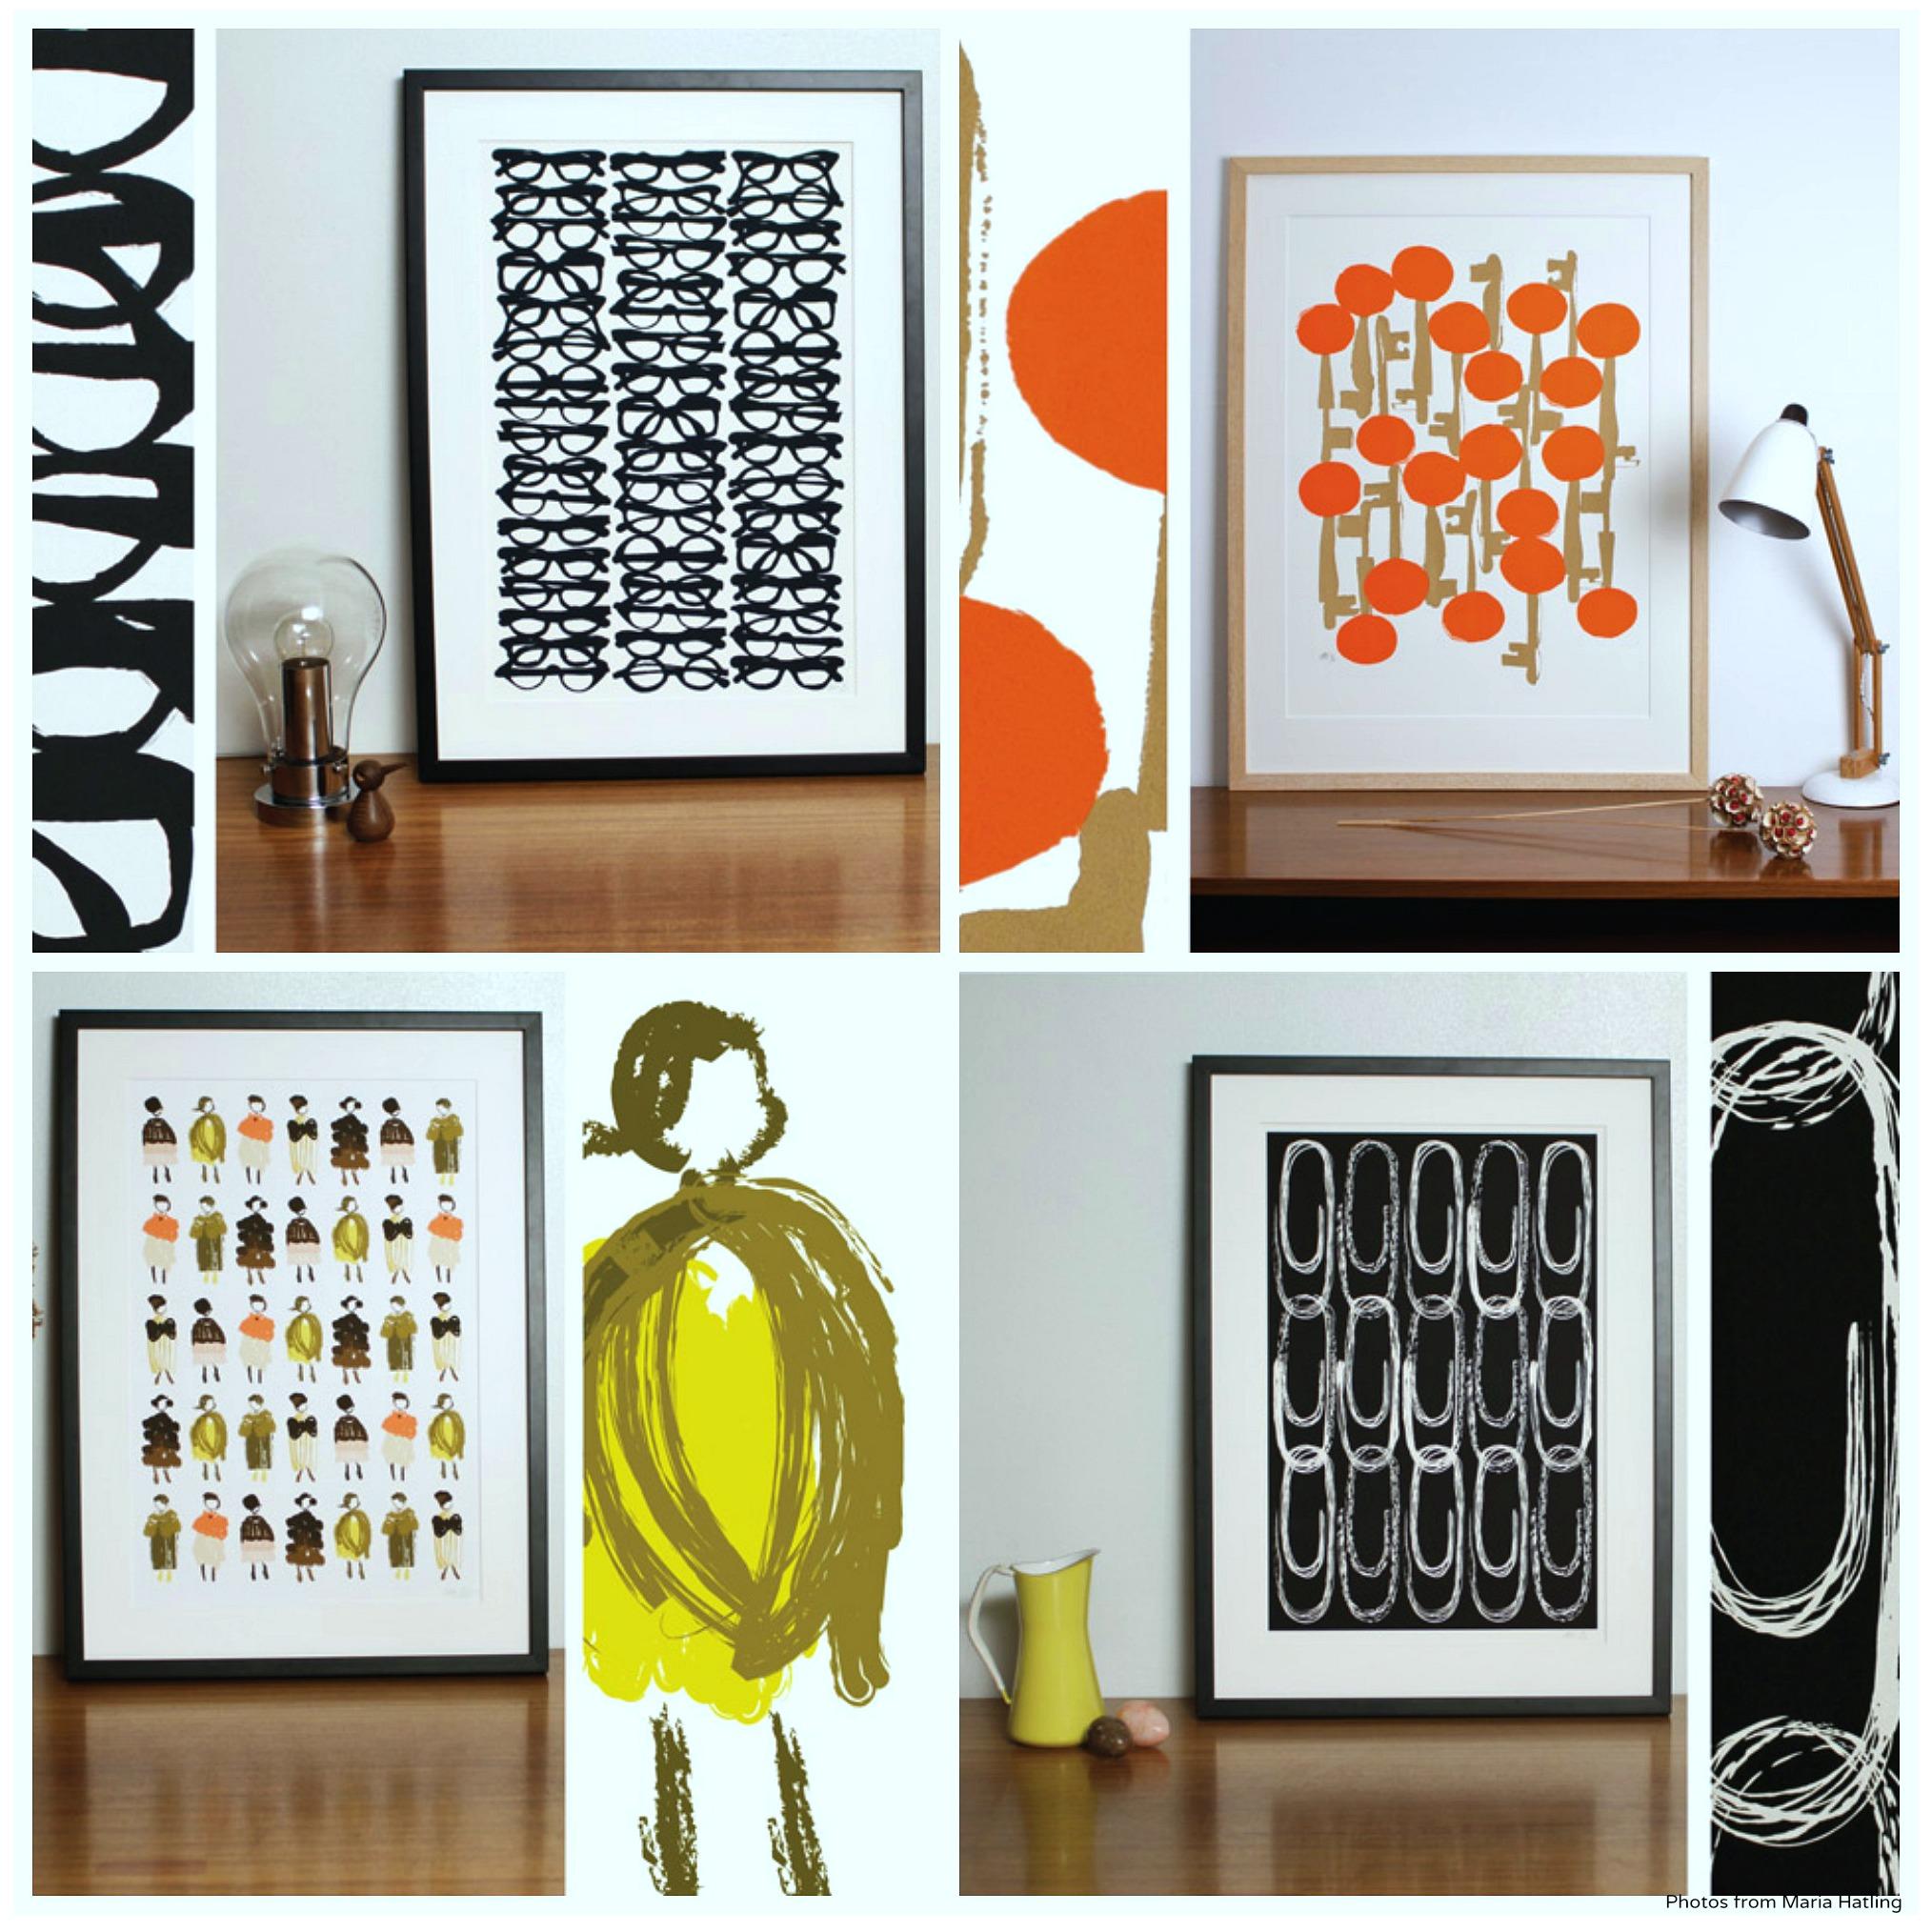 Orla kiely papier peint best exceptional papier peint orla kiely with orla kiely papier peint - Papier peint retro ...